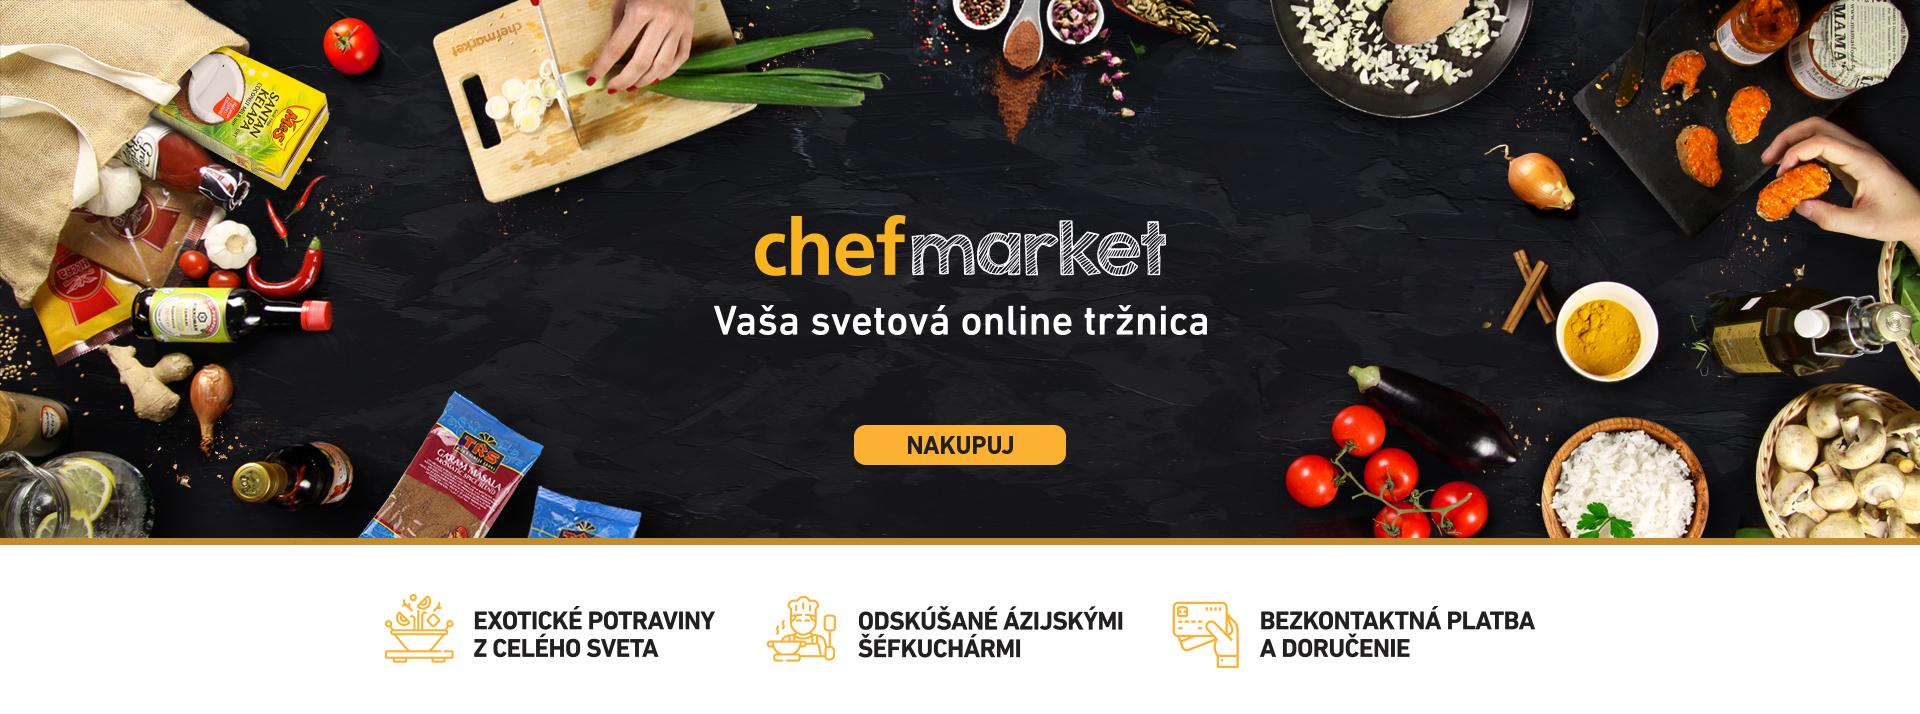 Vaša svetová online tržnica